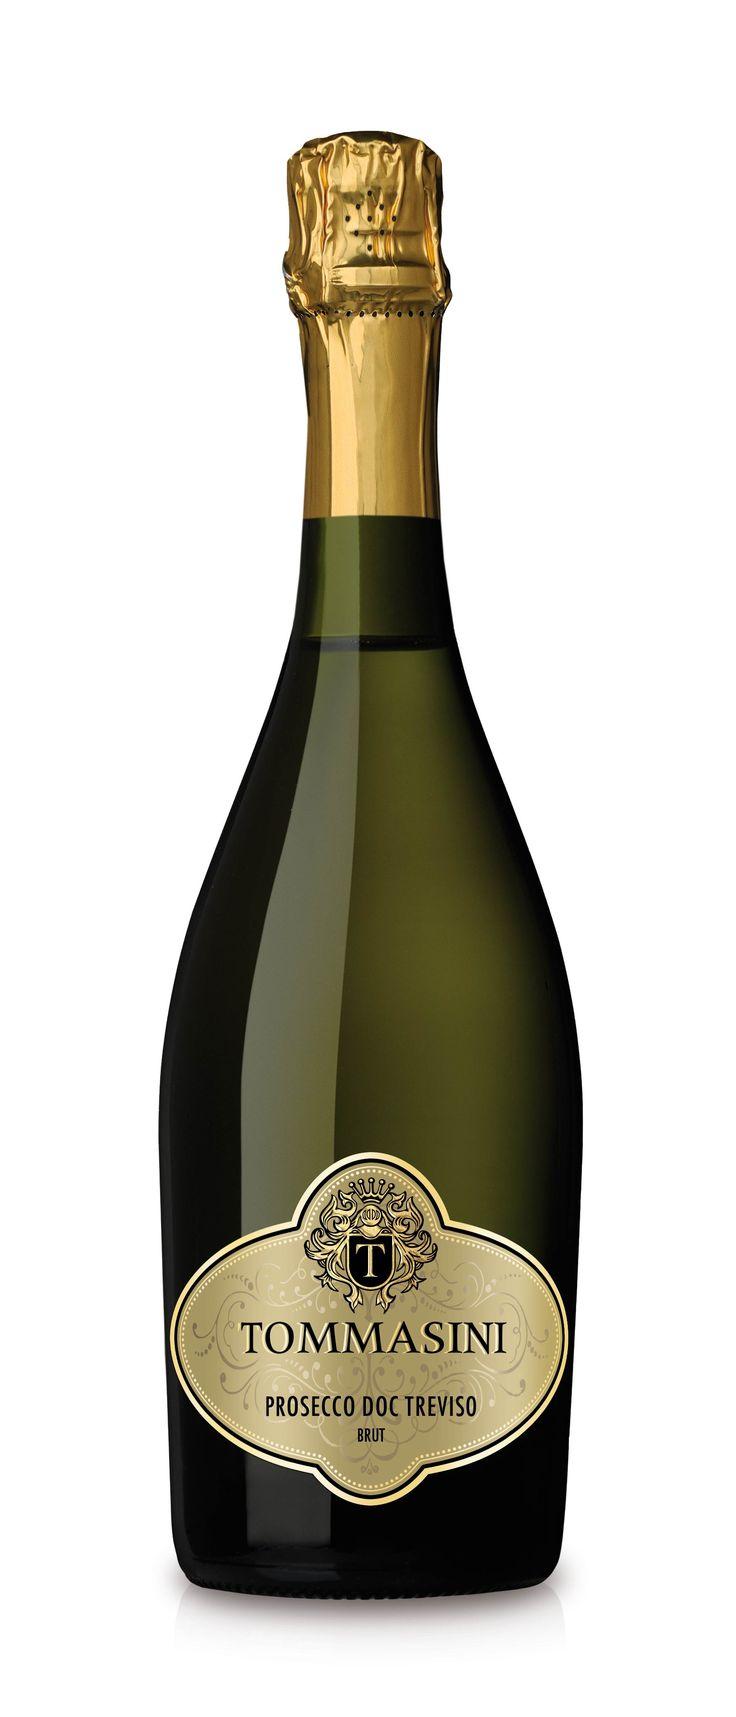 Prosecco doc Treviso brut spumante Label Etichette serigrafiche etichette vino.